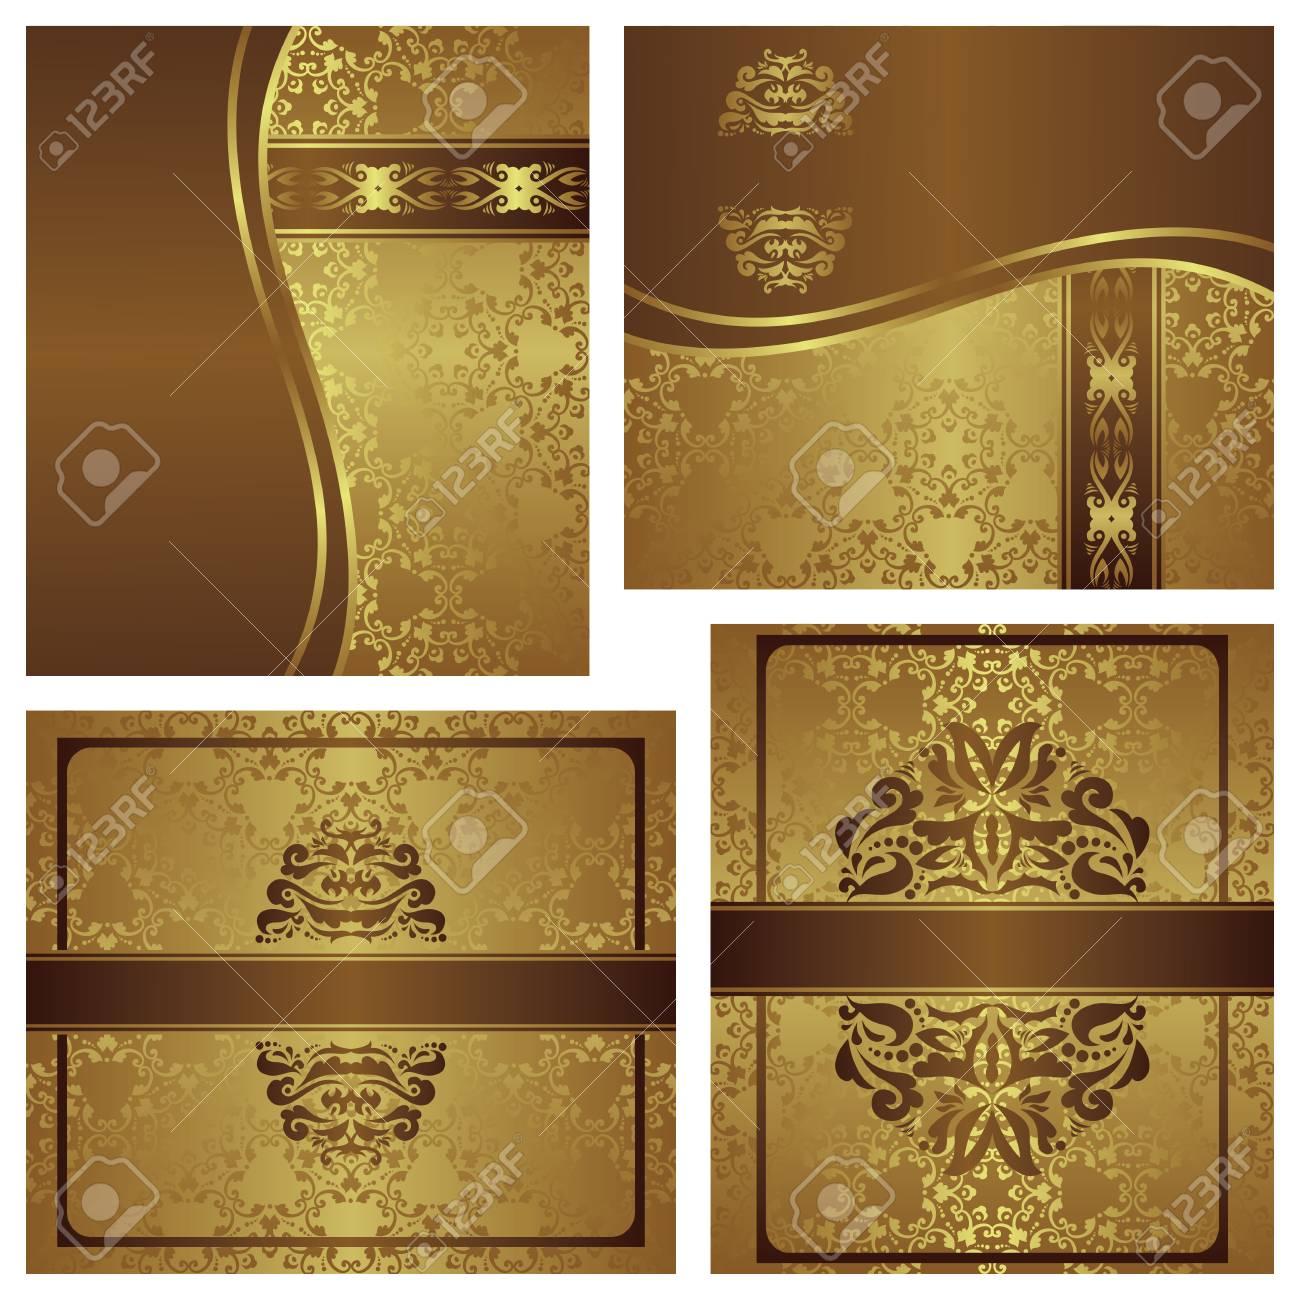 Conjunto De Tarjetas Invitación Elegante De La Vendimia Diseño De Lujo